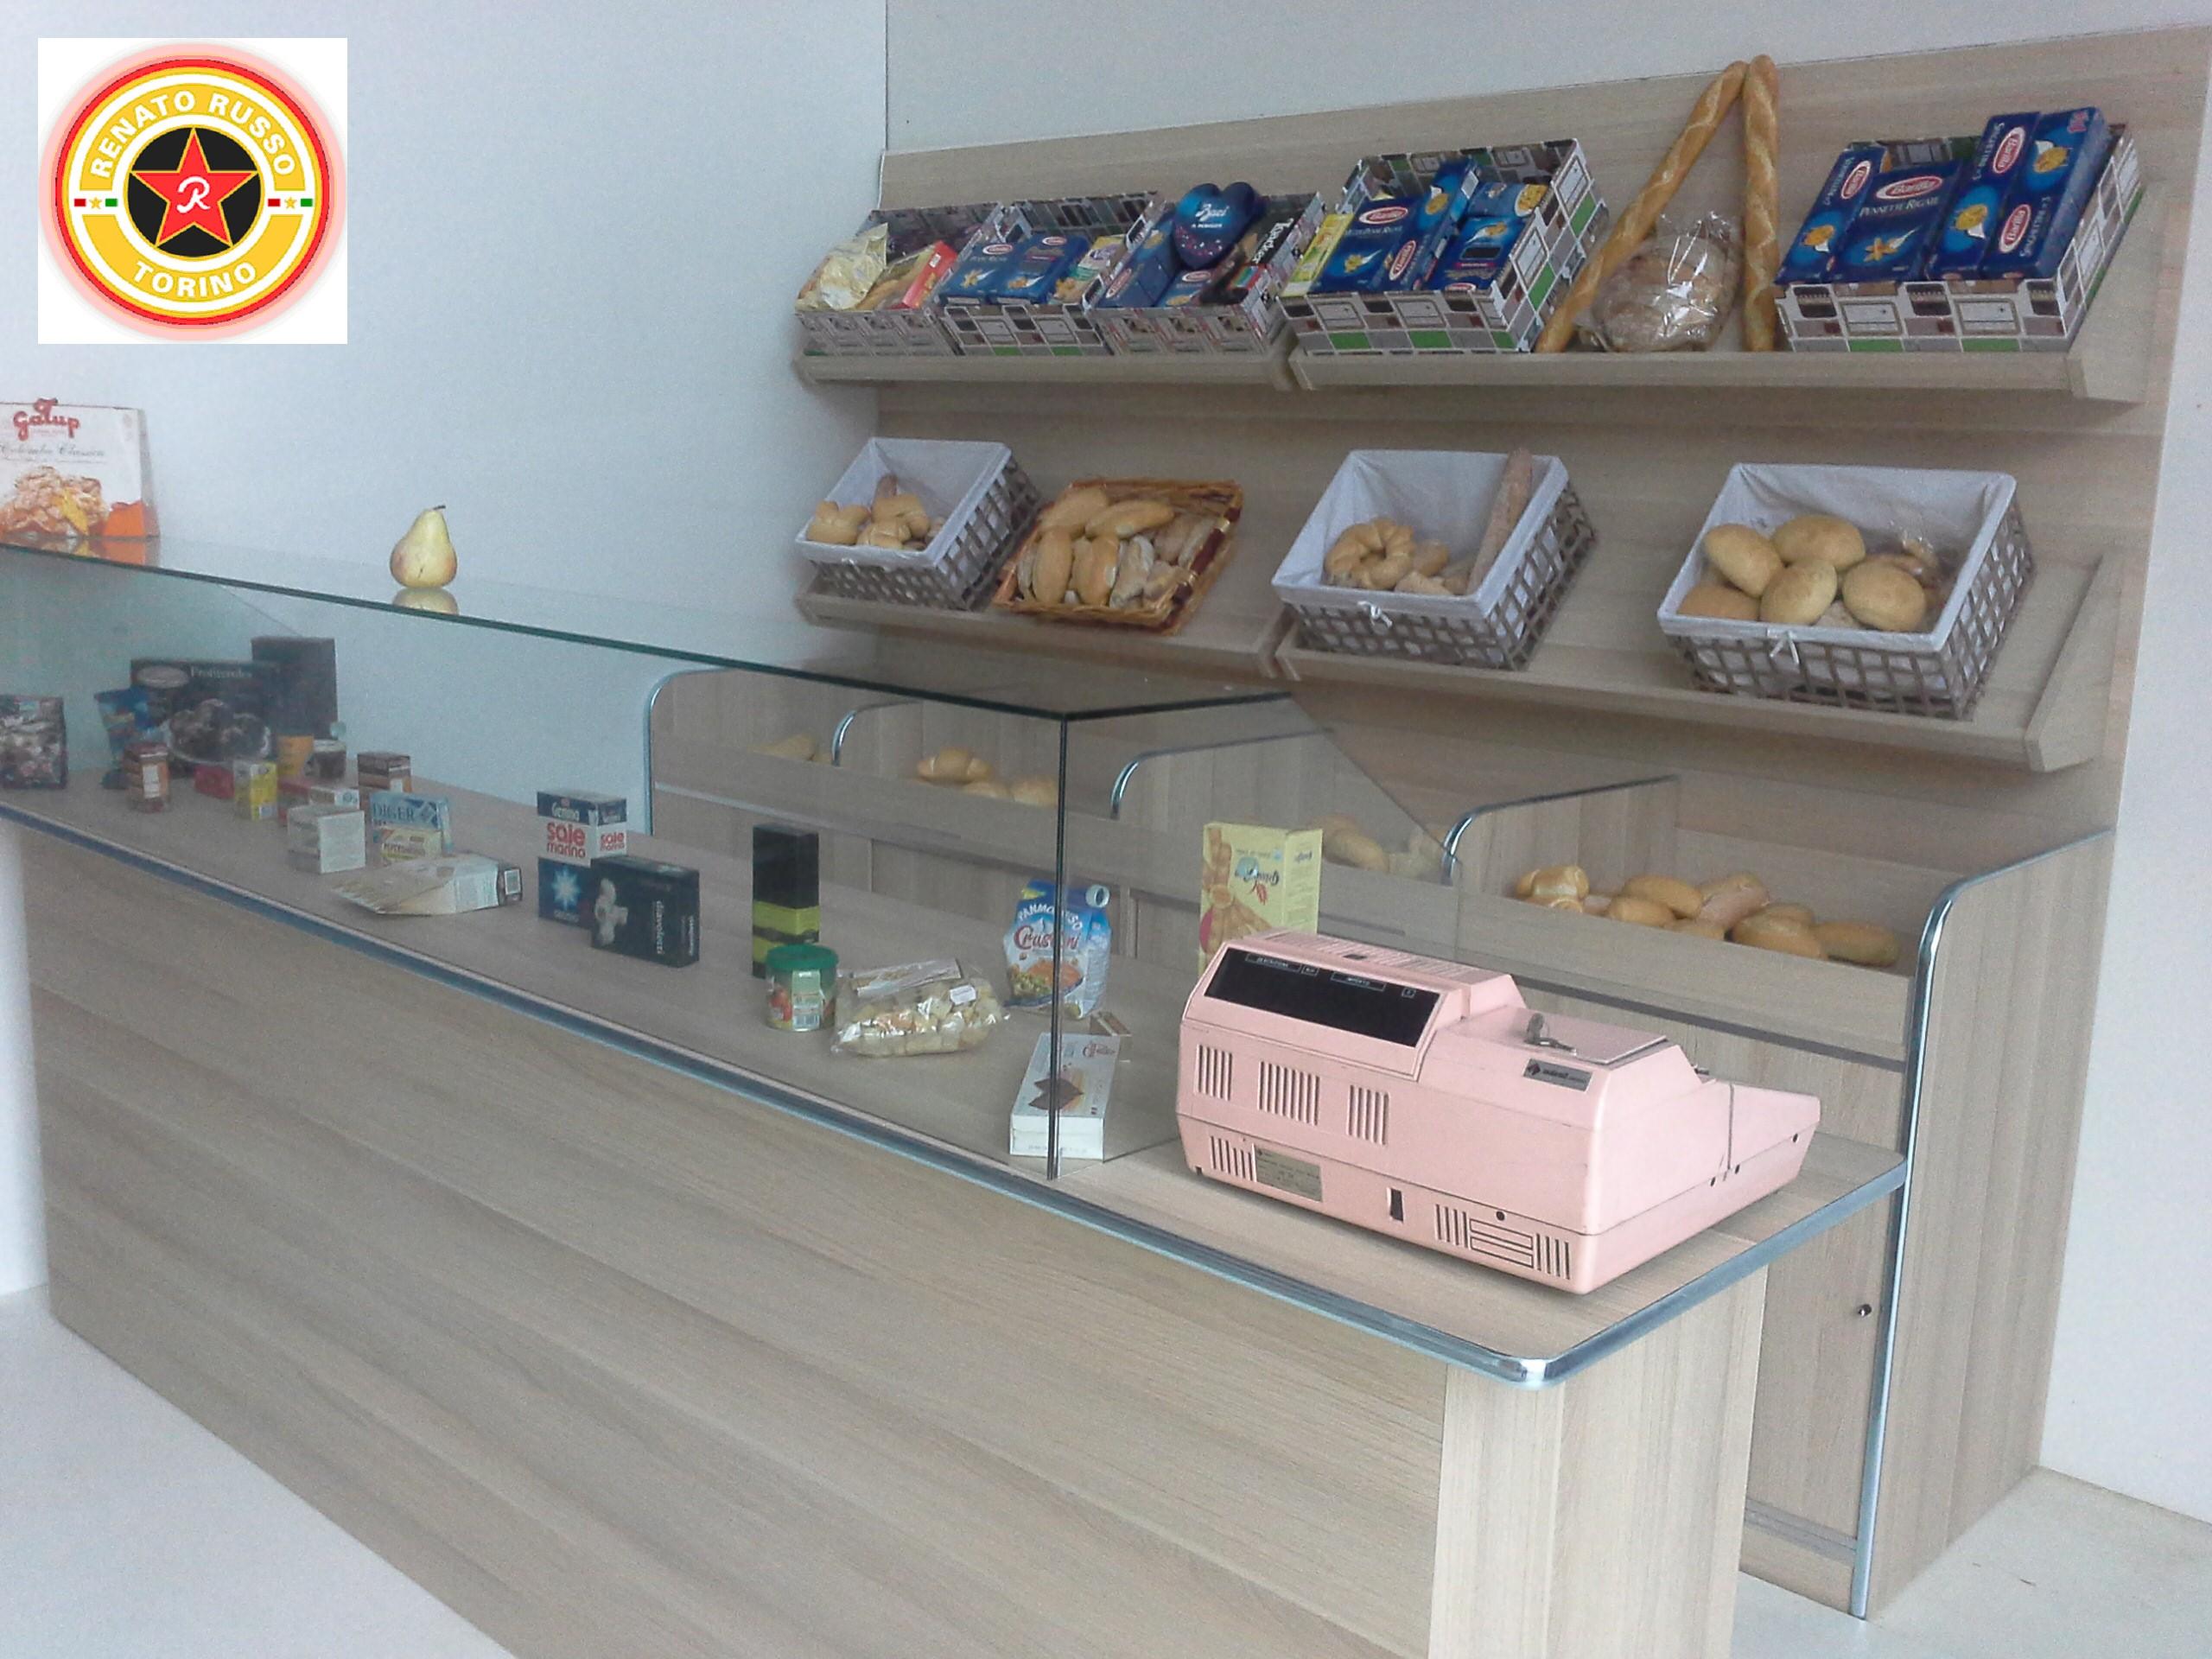 Arredamenti per bar negozi ristoranti banchi frigo for Arredamento panetteria